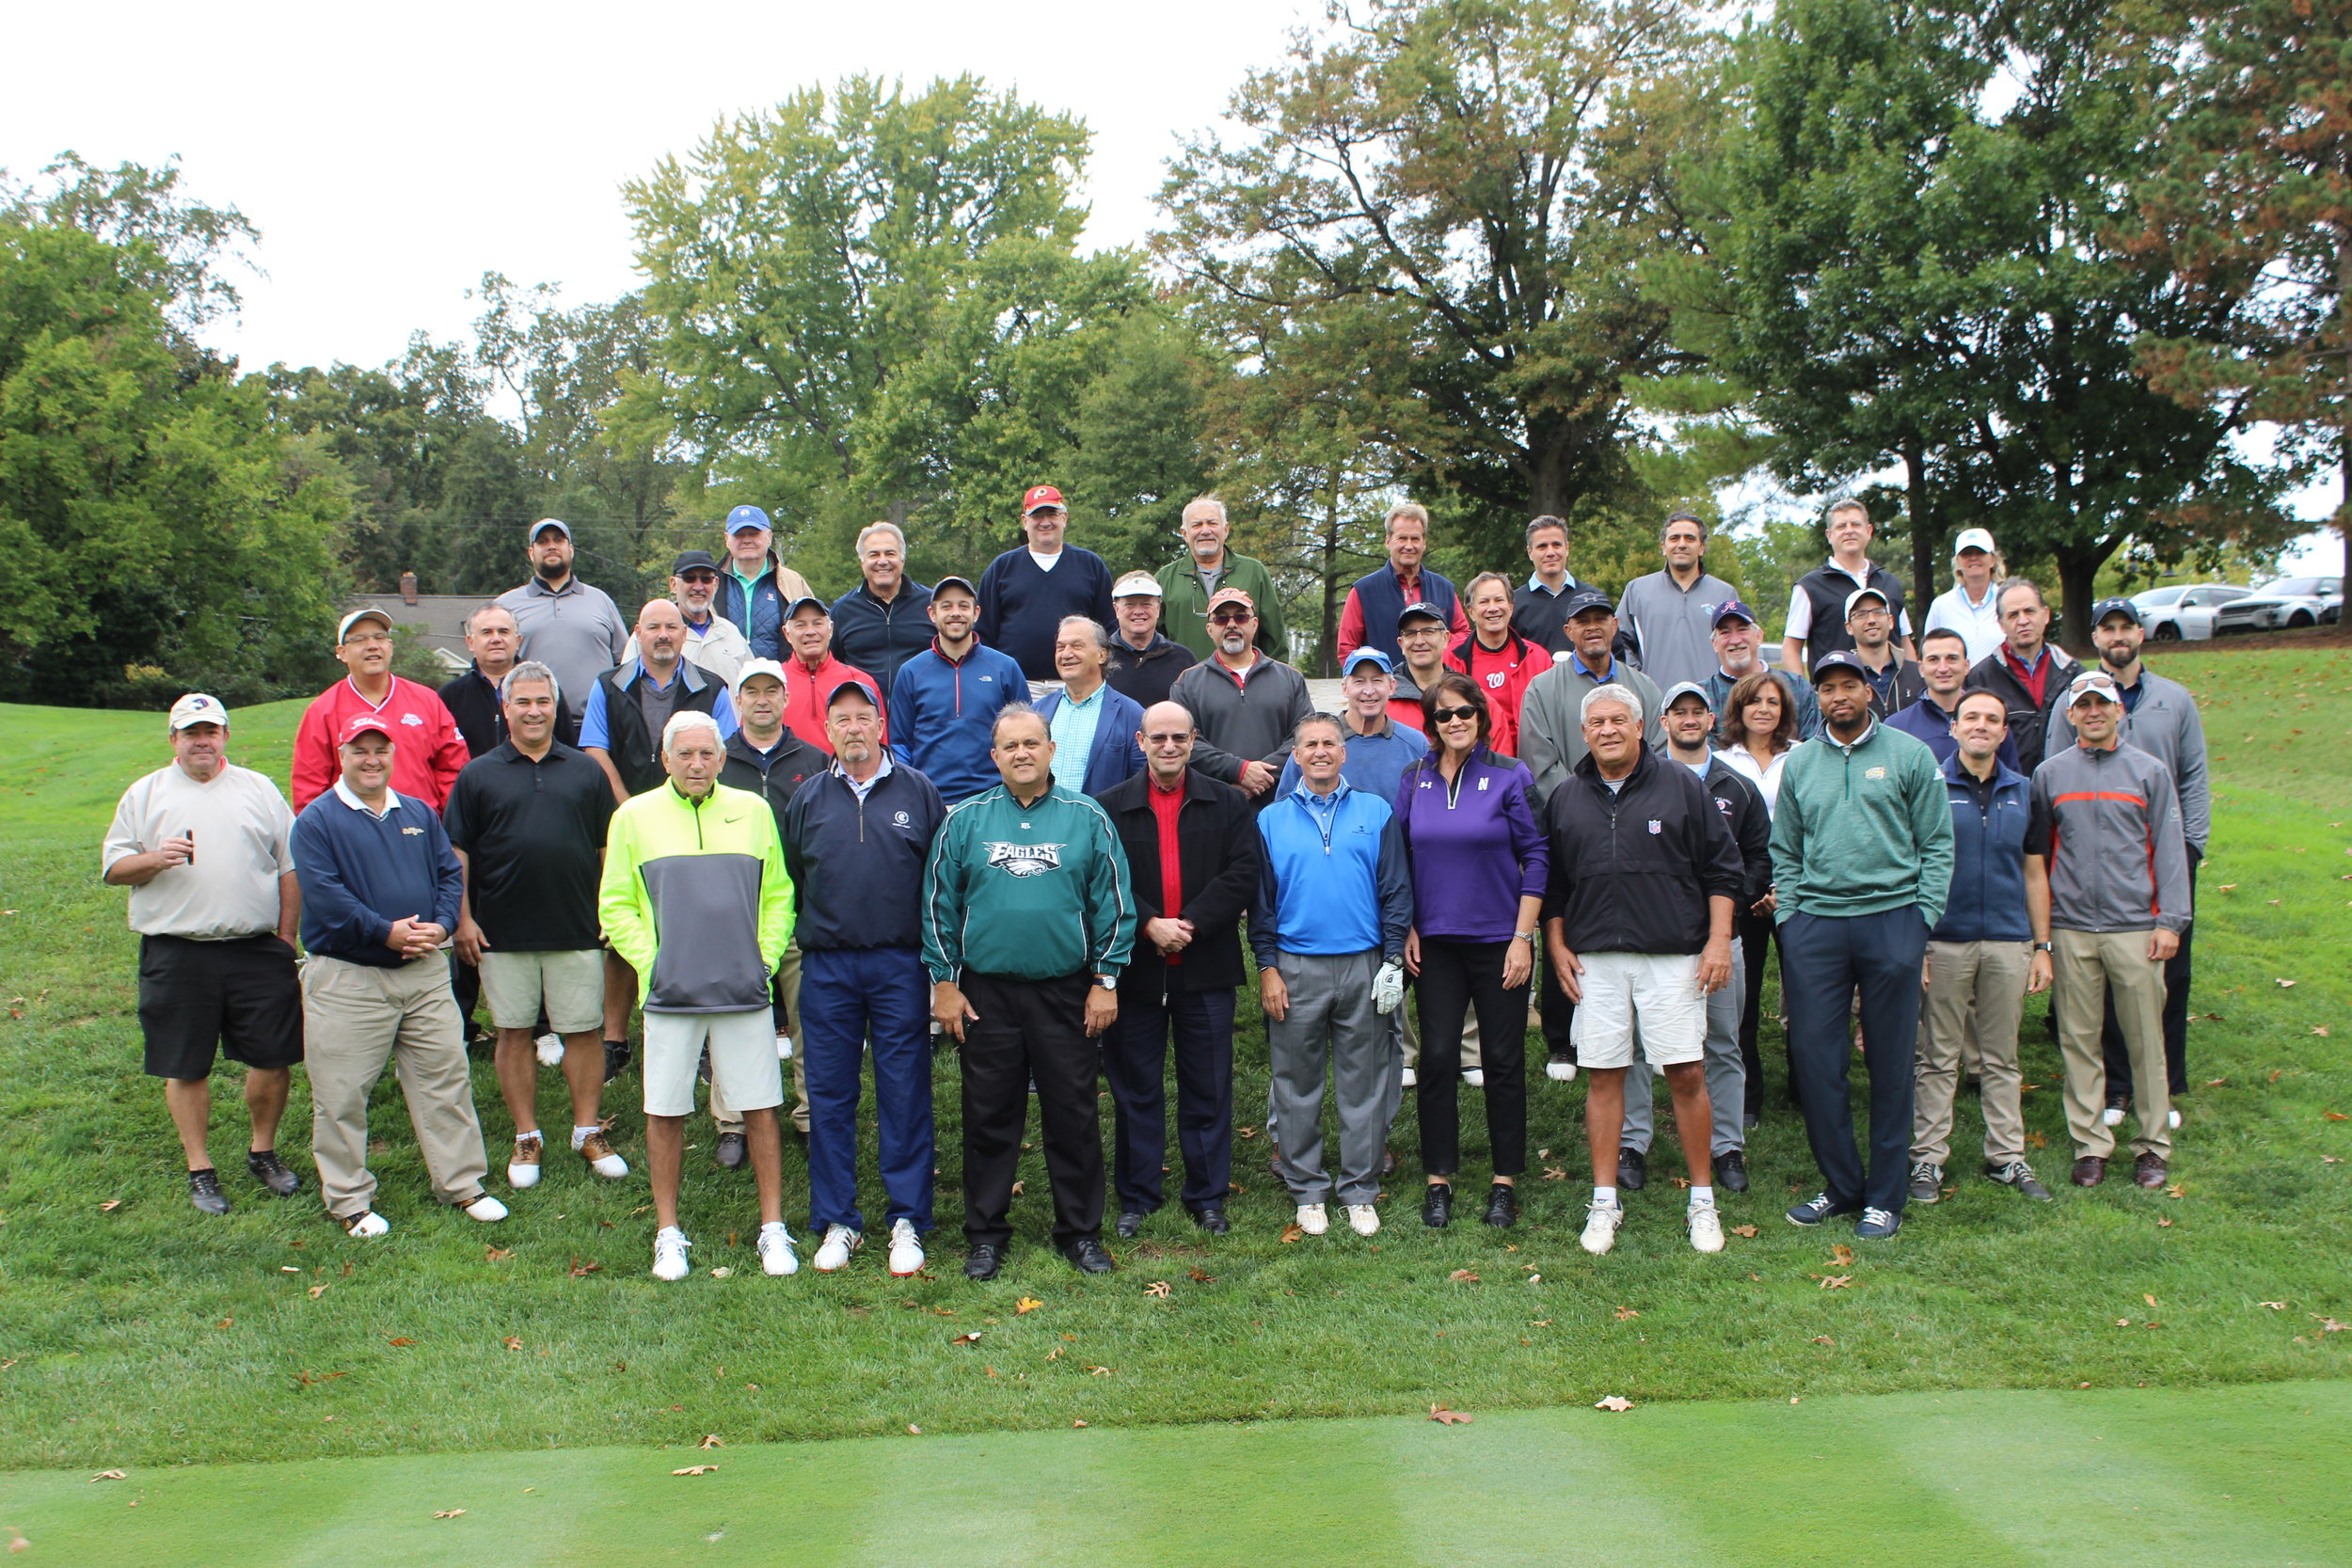 14th Annual AHI Golf Classic participants.